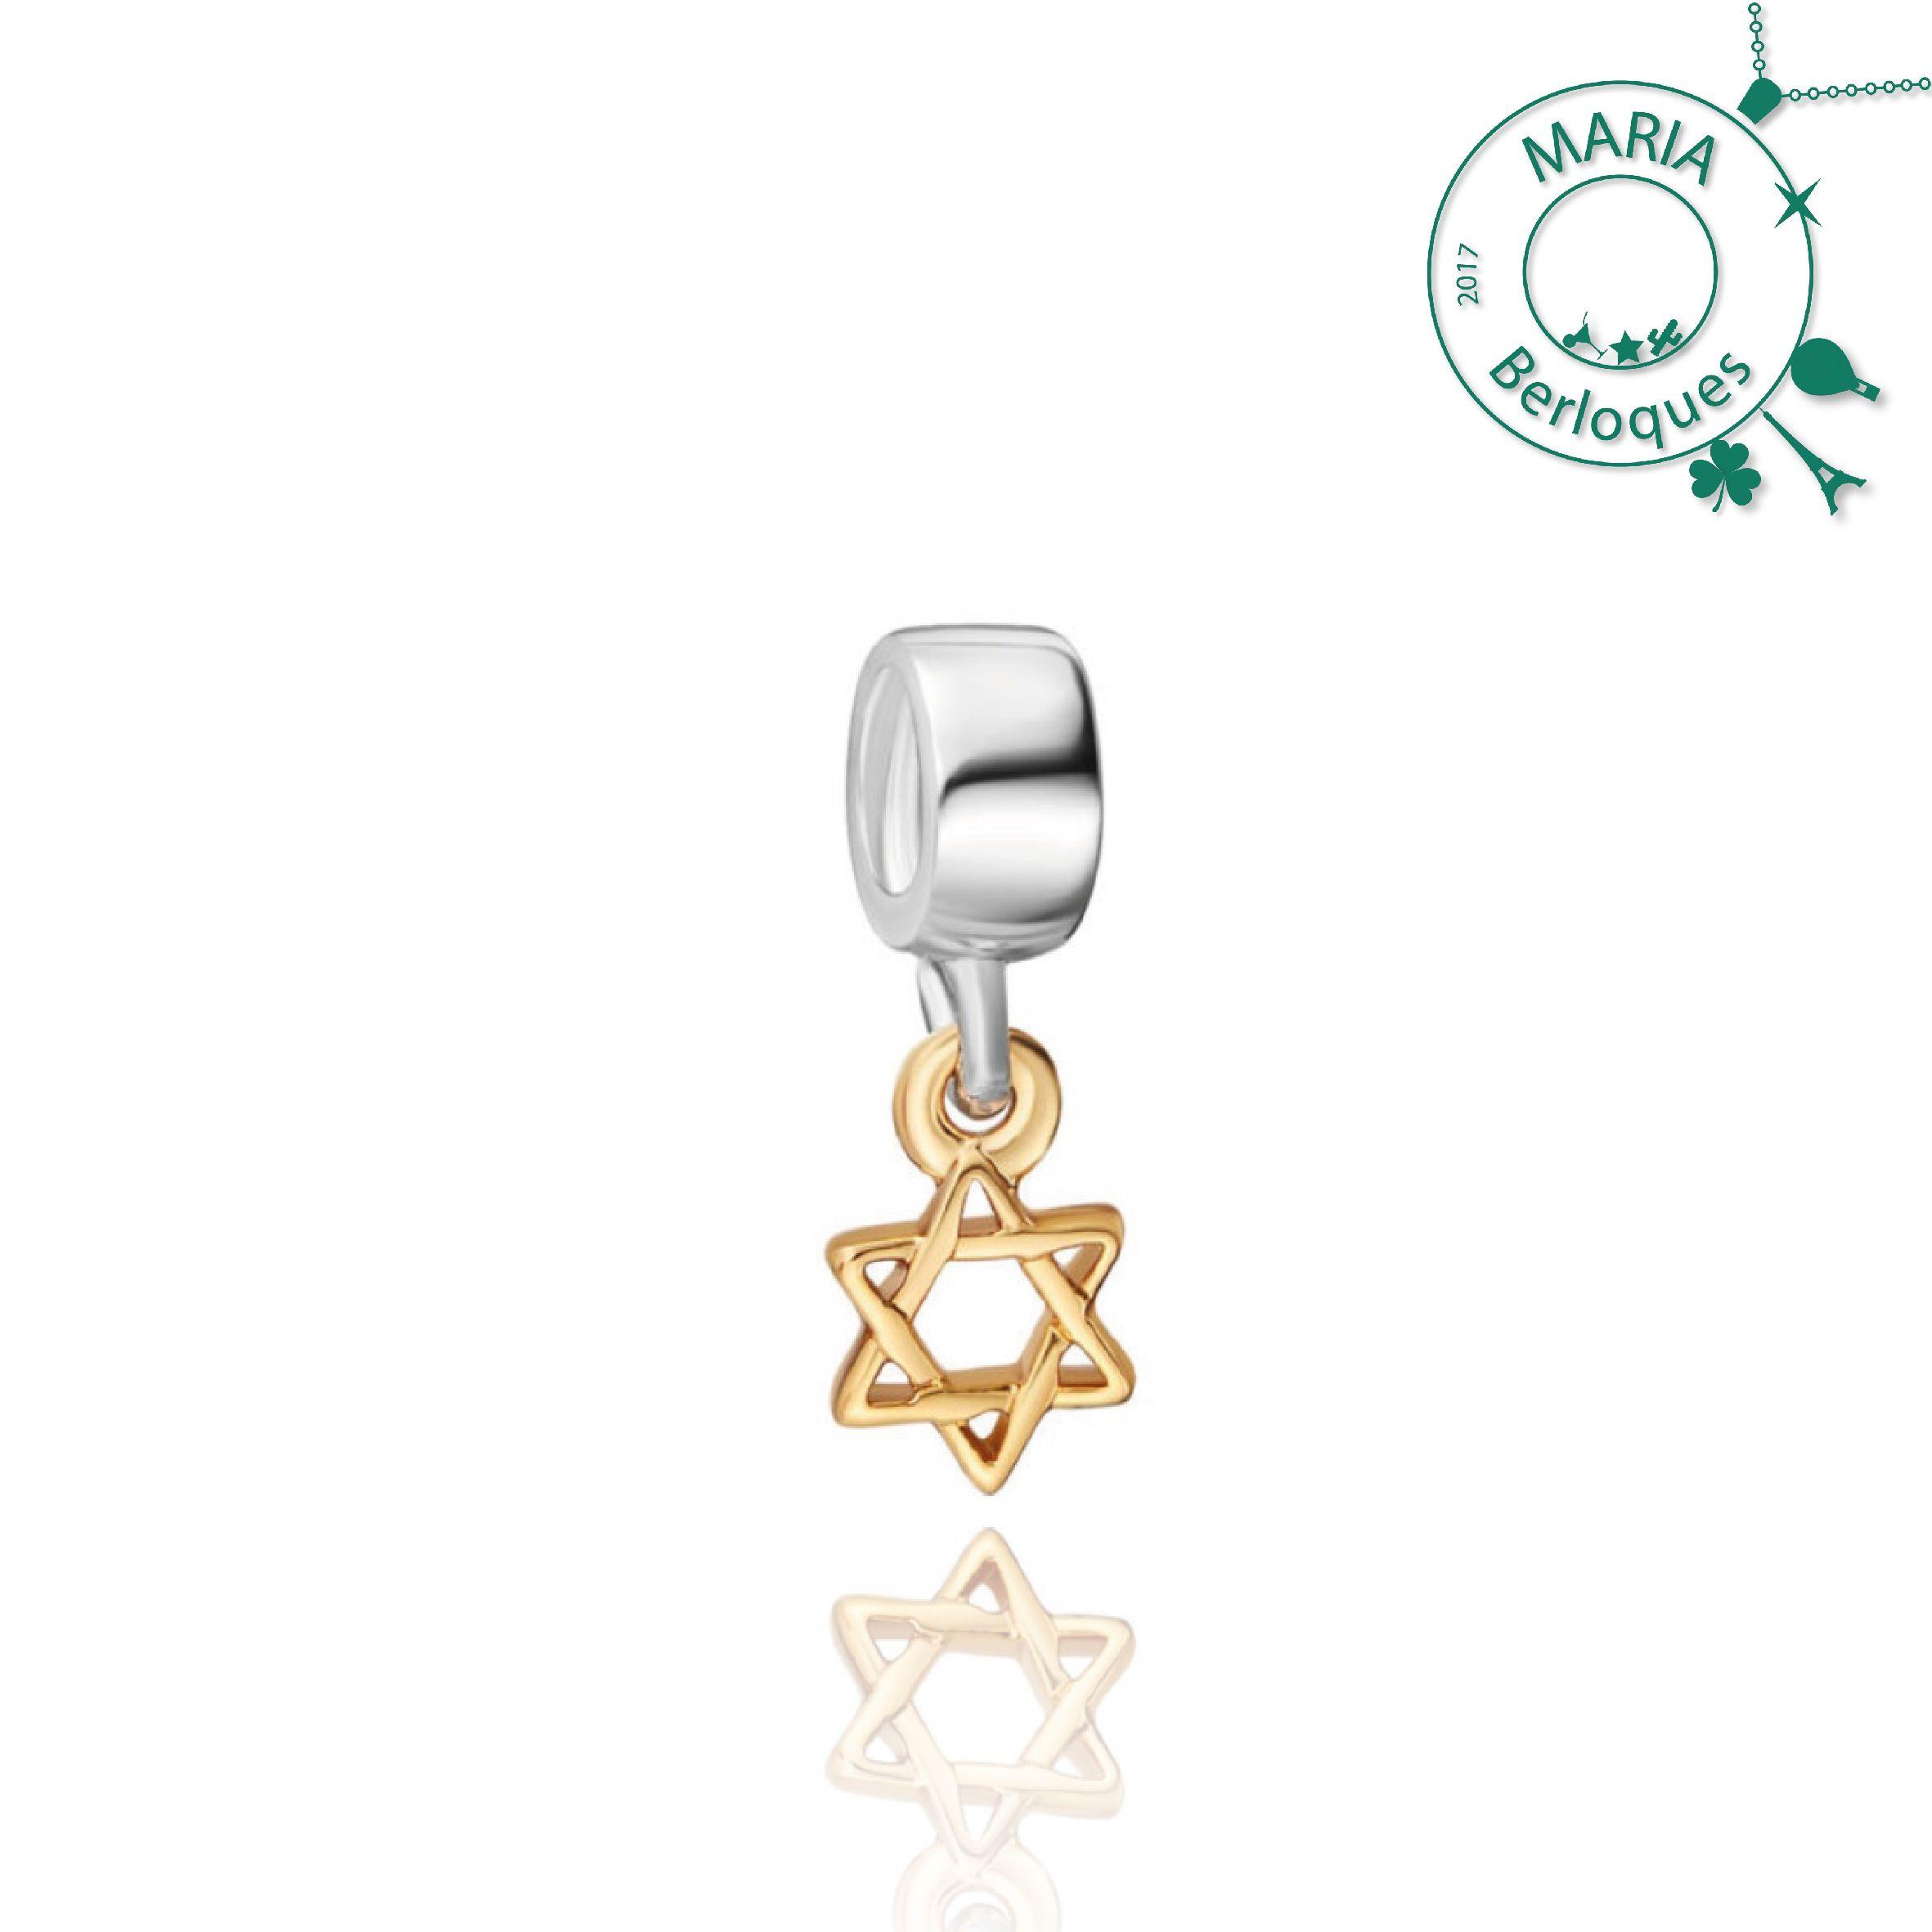 Berloque Estrela de Davi   David   Selo de Salomão, liga em prata 925 contém 5d51d877ab